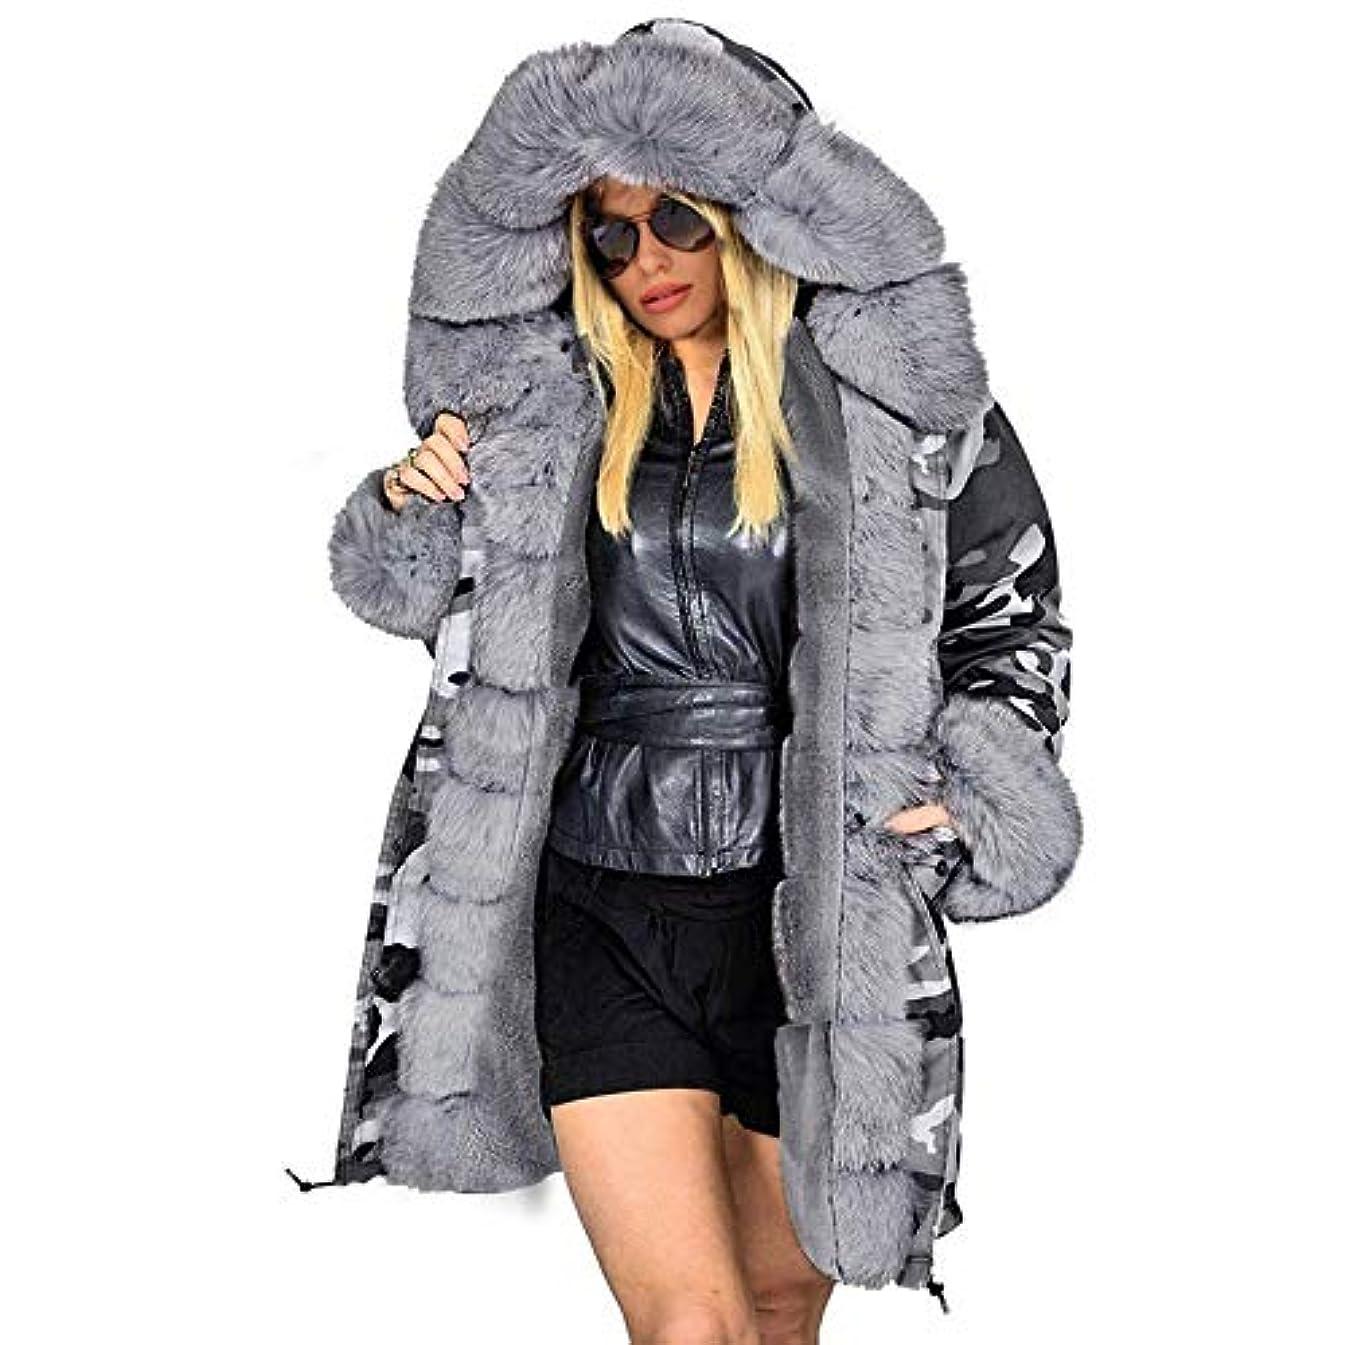 手伝う時期尚早方向ファッションコートウィンタージャケット女性フードパーカーロングウォームコットンジャケットアウターウェア女性ウィンターコートプラスサイズ,XXXL